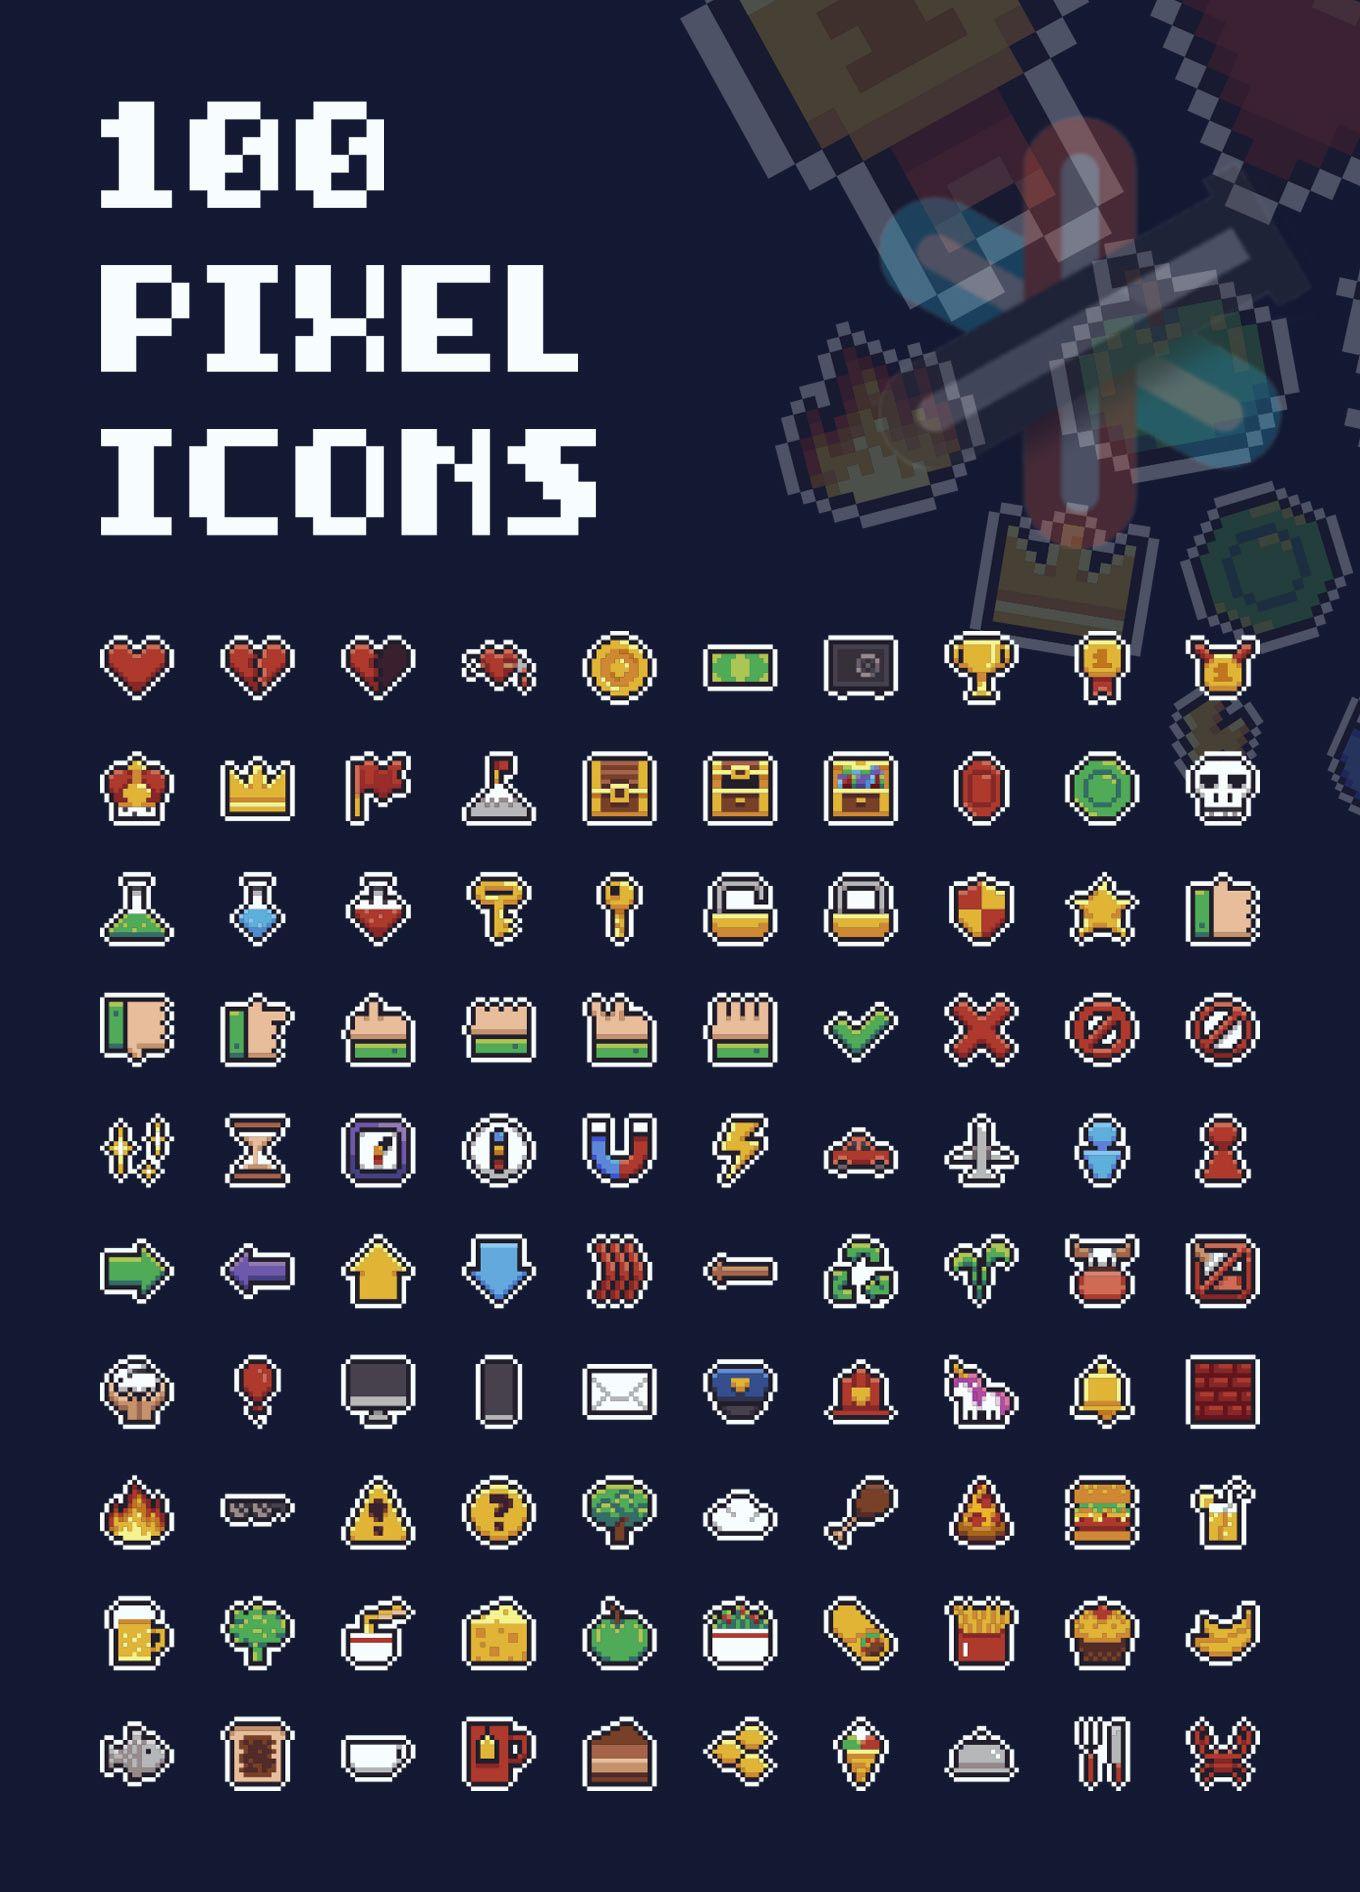 مجموعه آیکون های پیکسلی بازی ماریو